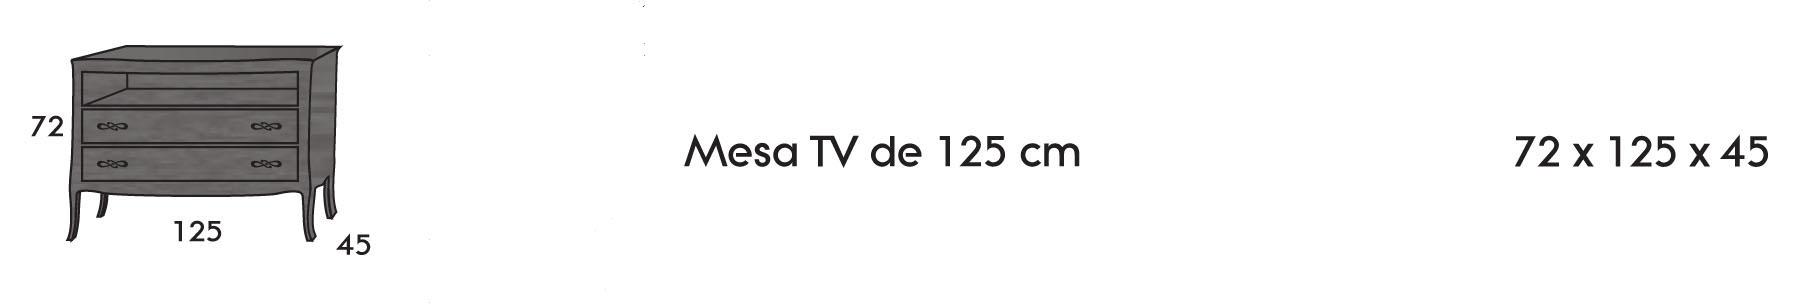 MesaTV